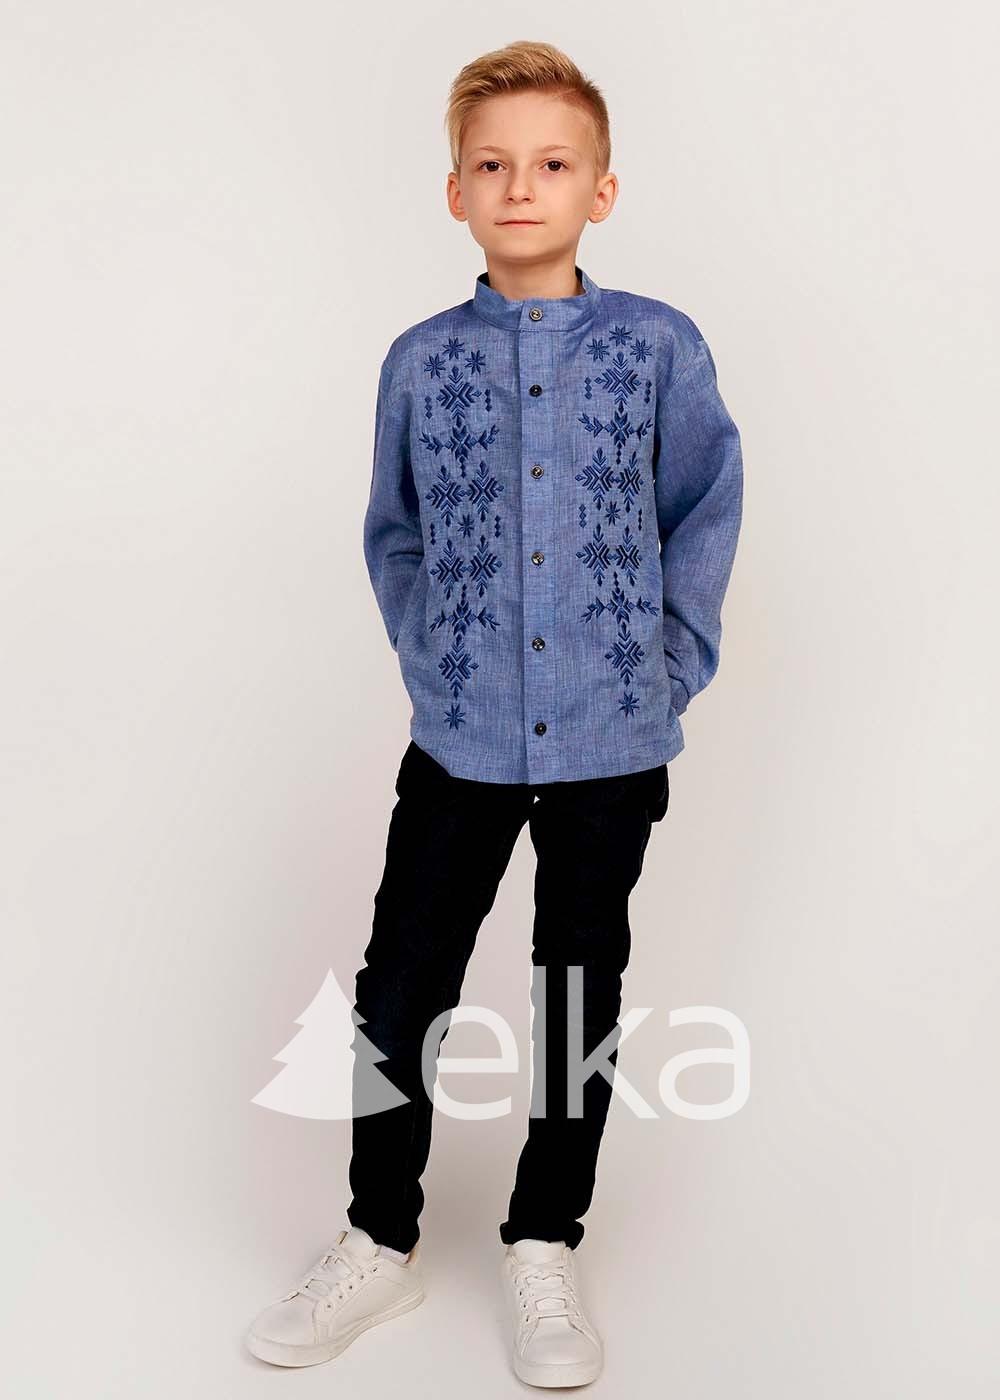 Детская вышиванка для мальчика джинс